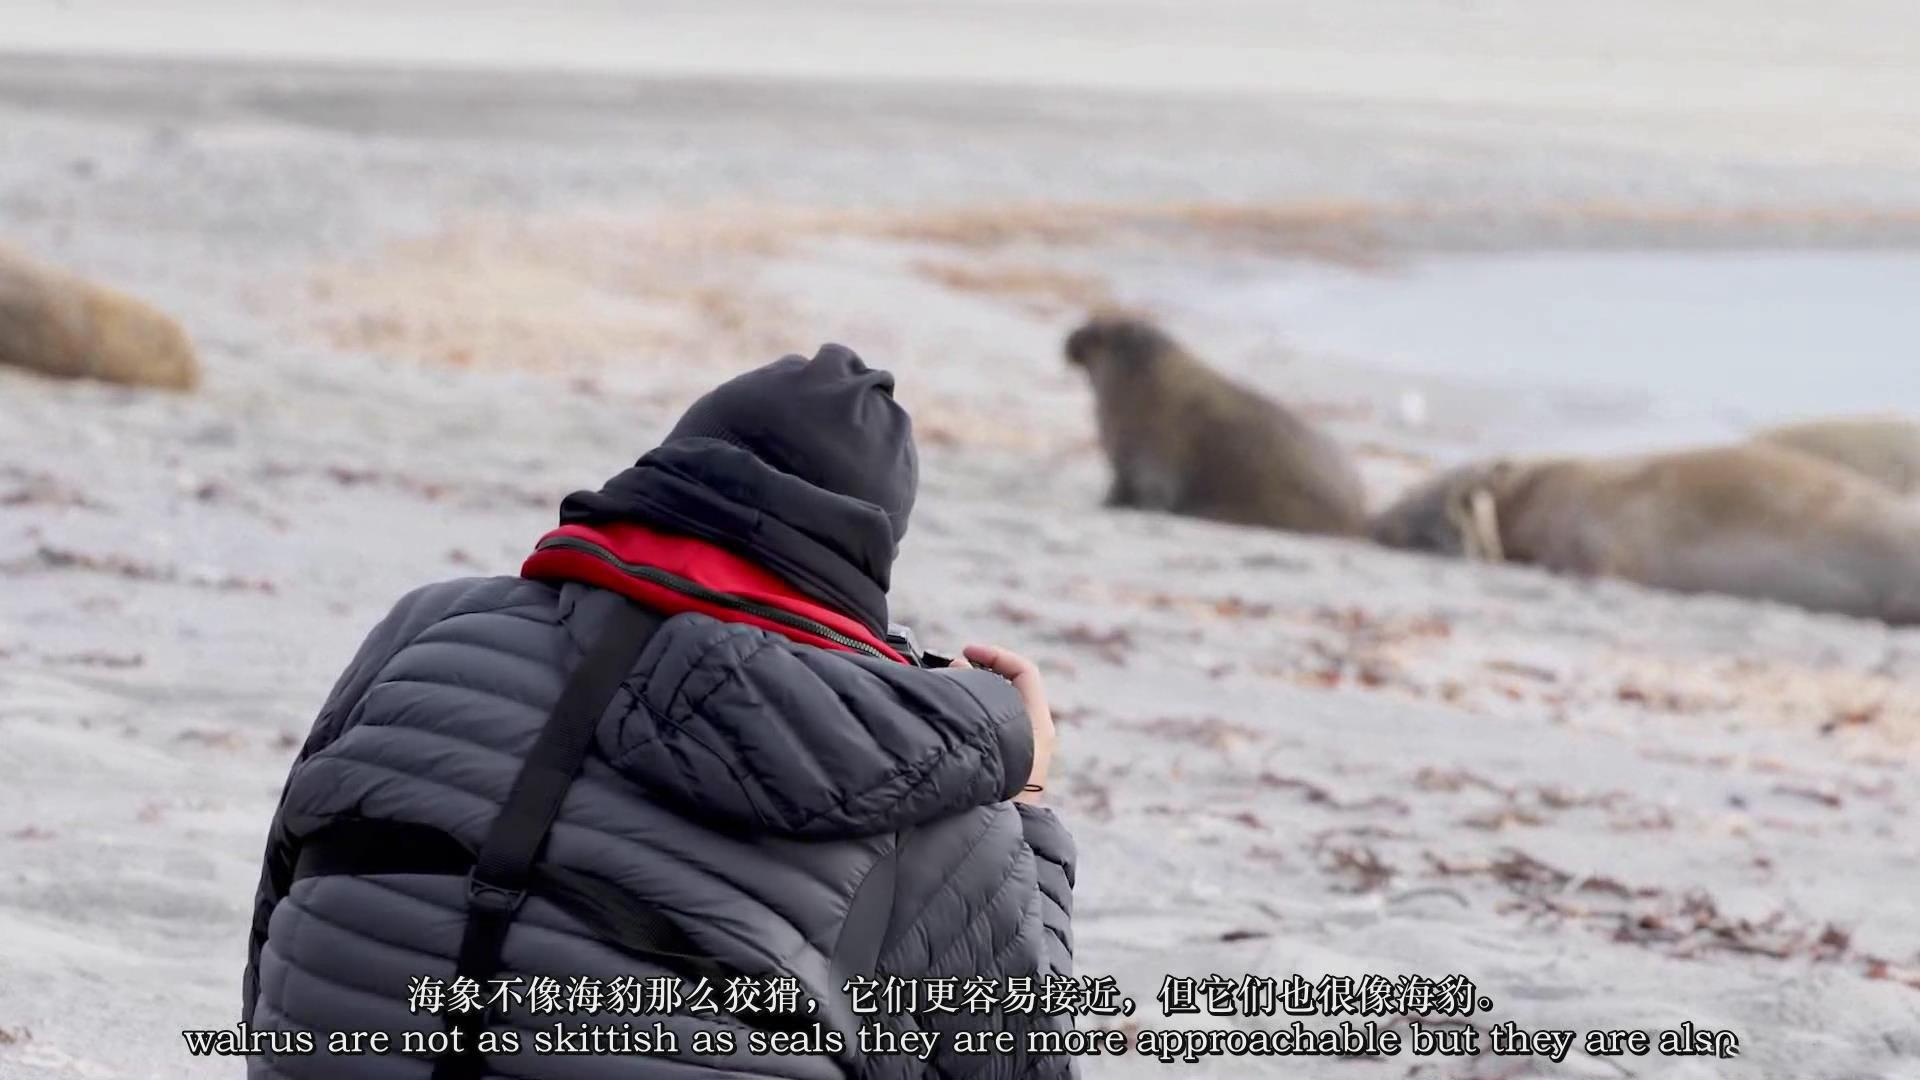 摄影教程_Chase Teron的终极野生动物摄影及后期套装教程附RAW素材-中英字幕 摄影教程 _预览图18